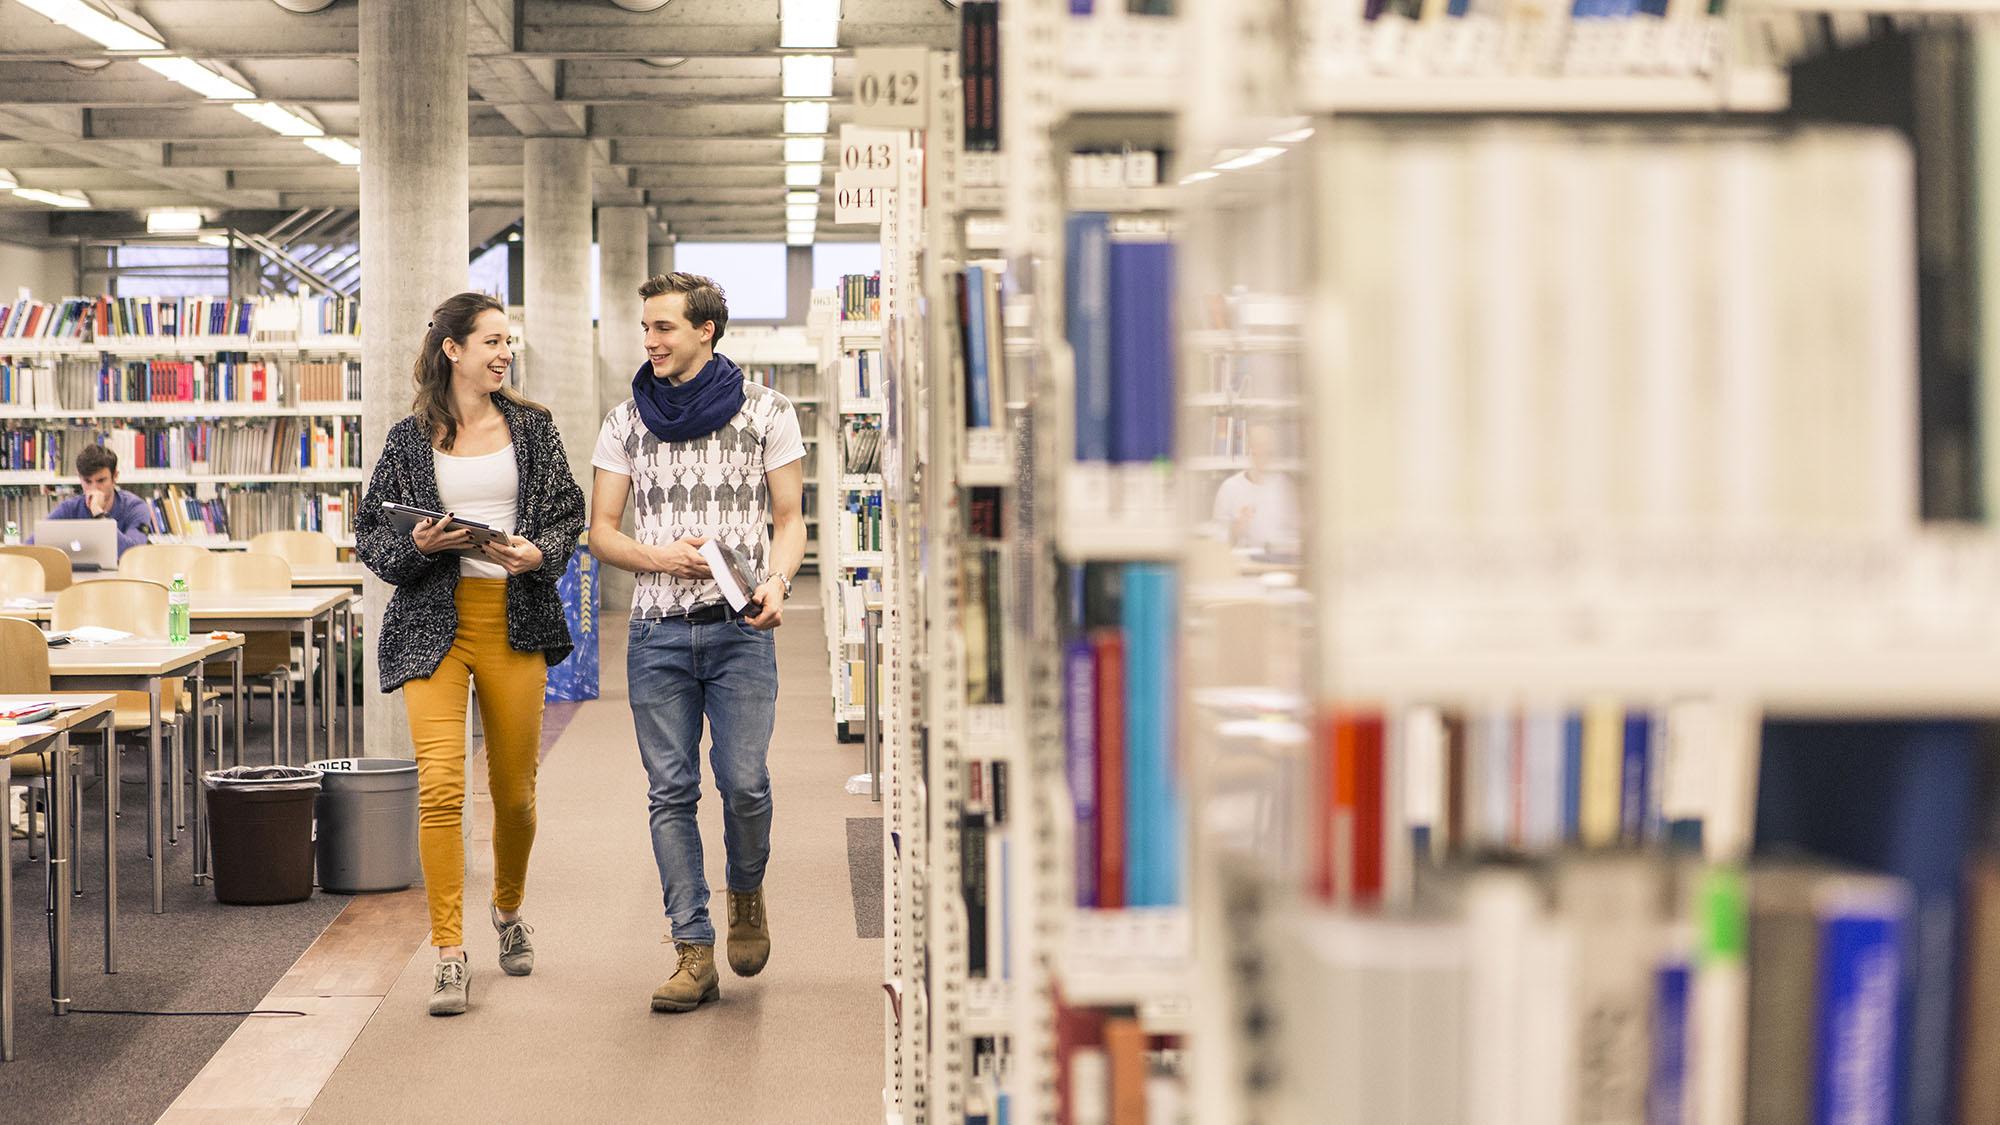 Immatrikulationsstatistik, Studierende in der Bibliothek